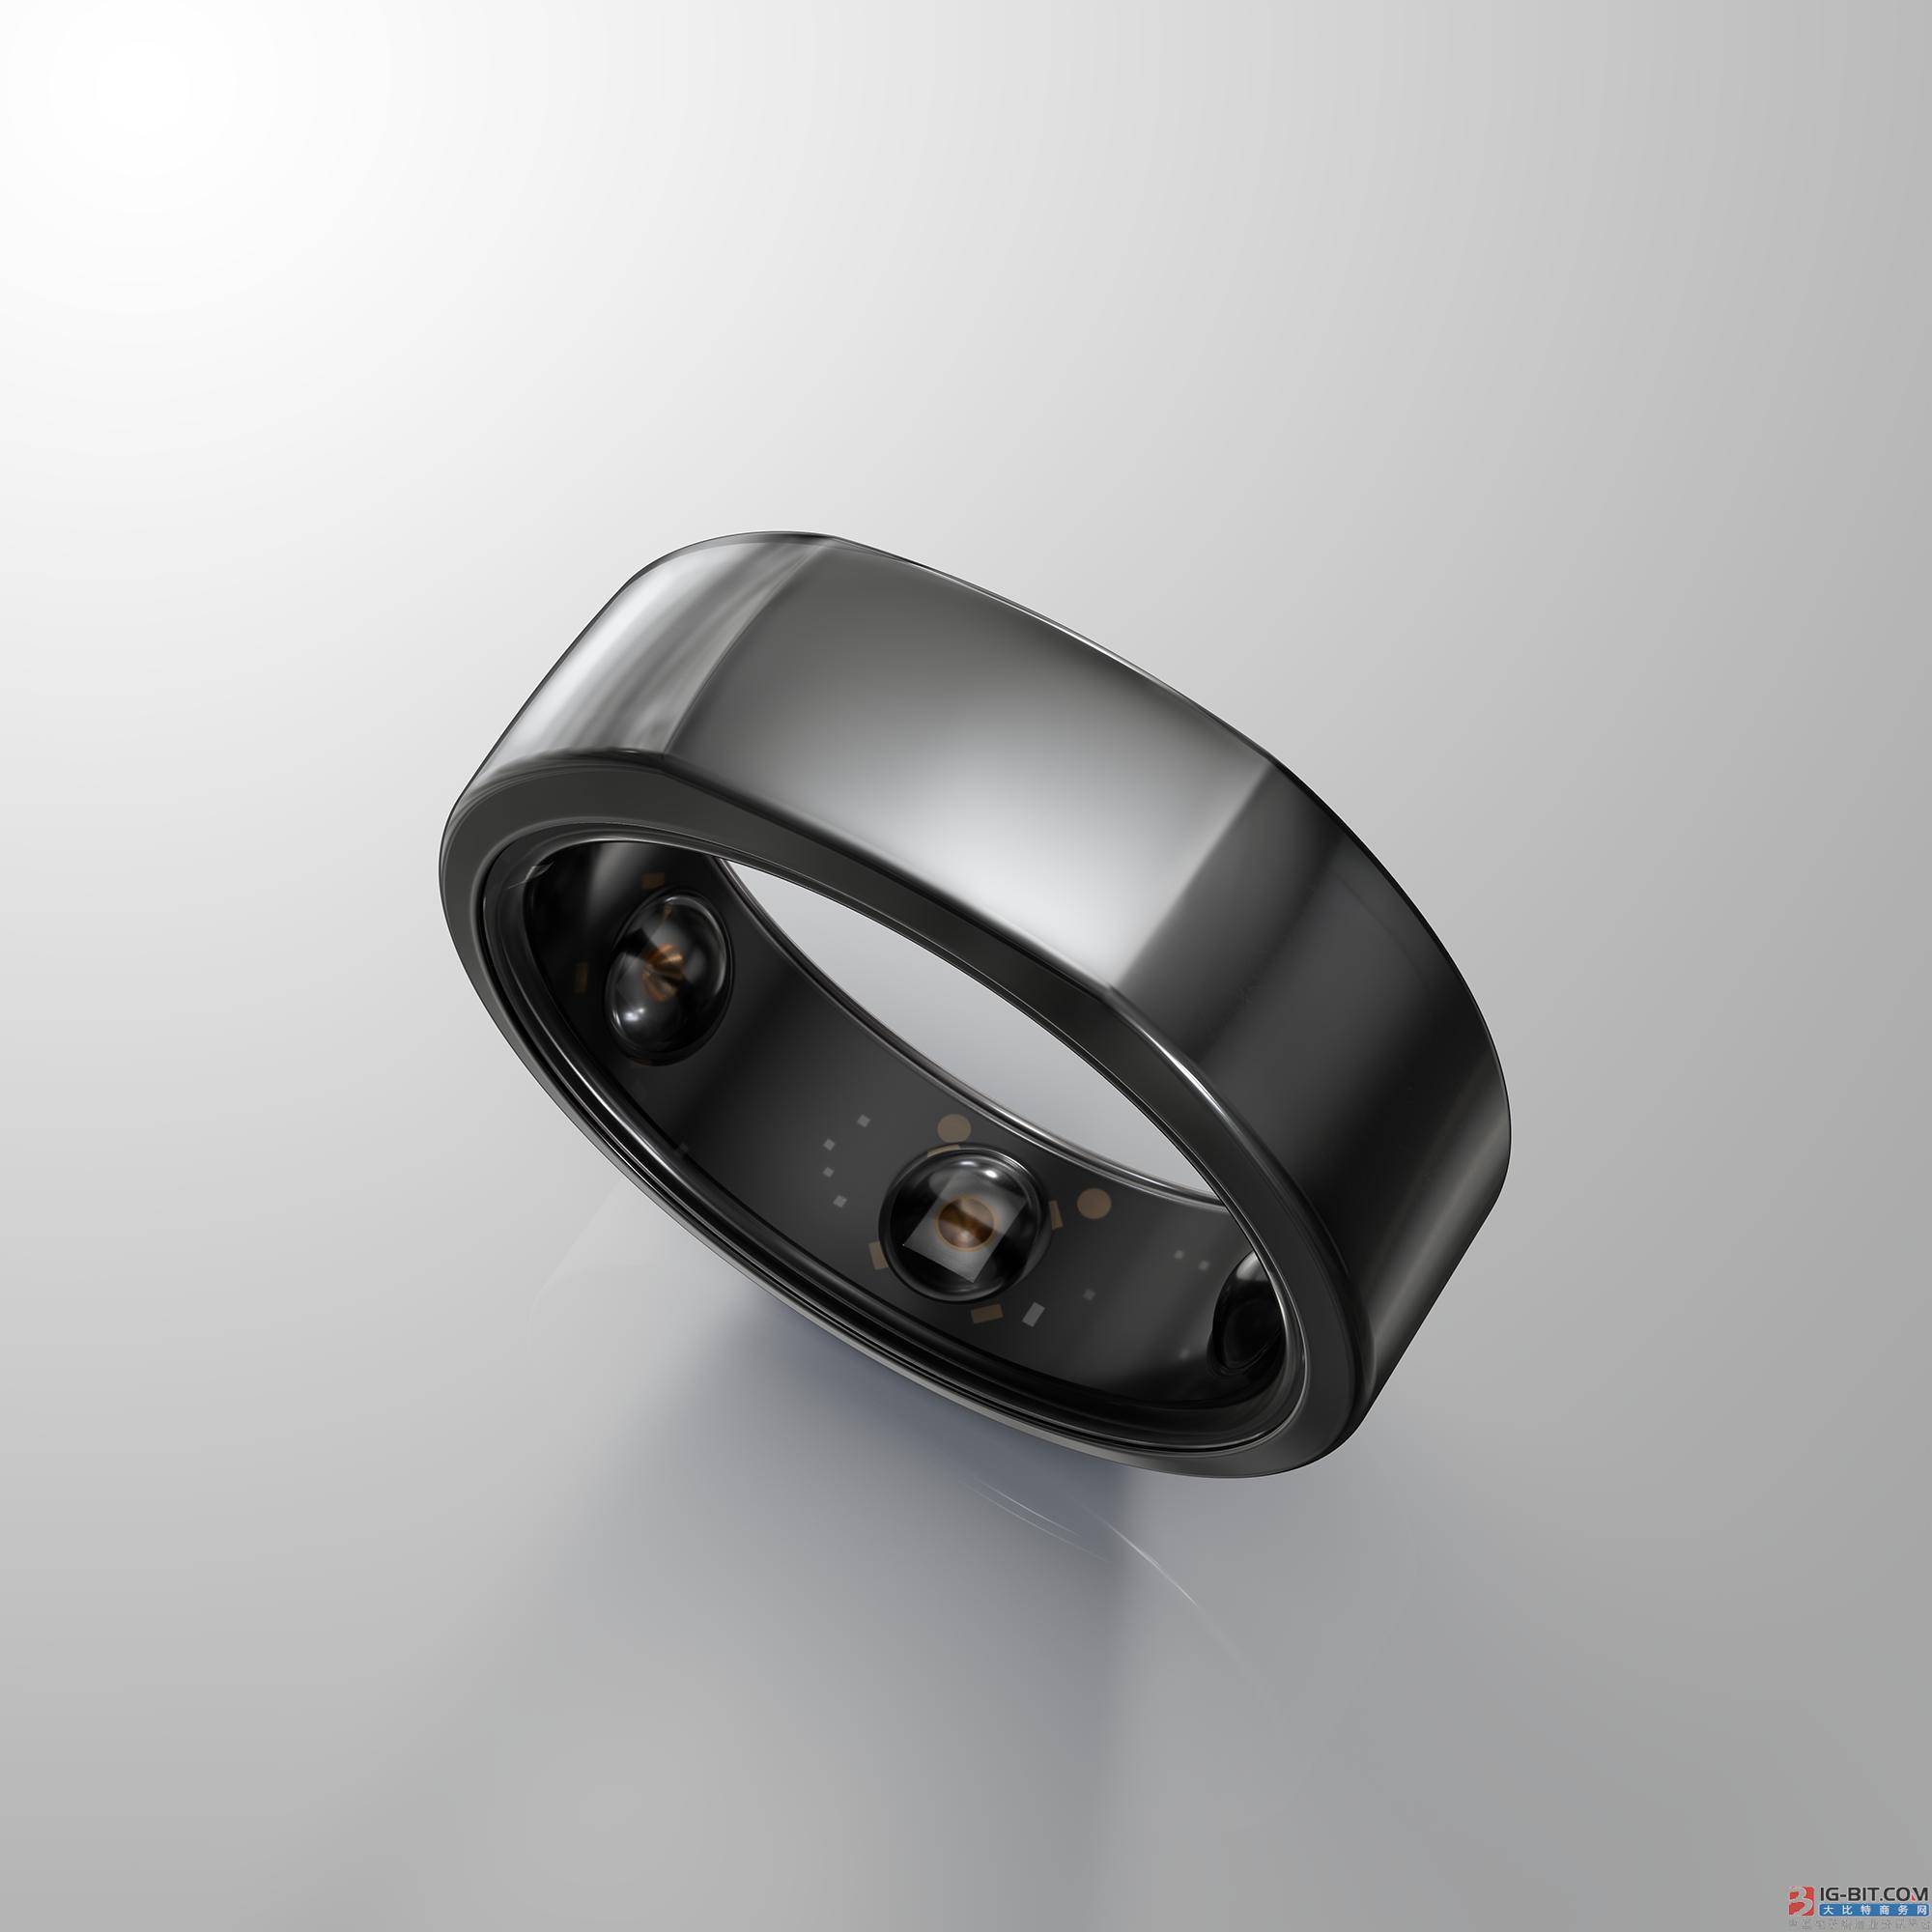 赛普拉斯安全可靠的超低功耗PSoC 6 MCU 助力Oura Health创新型可穿戴健康产品横空出世